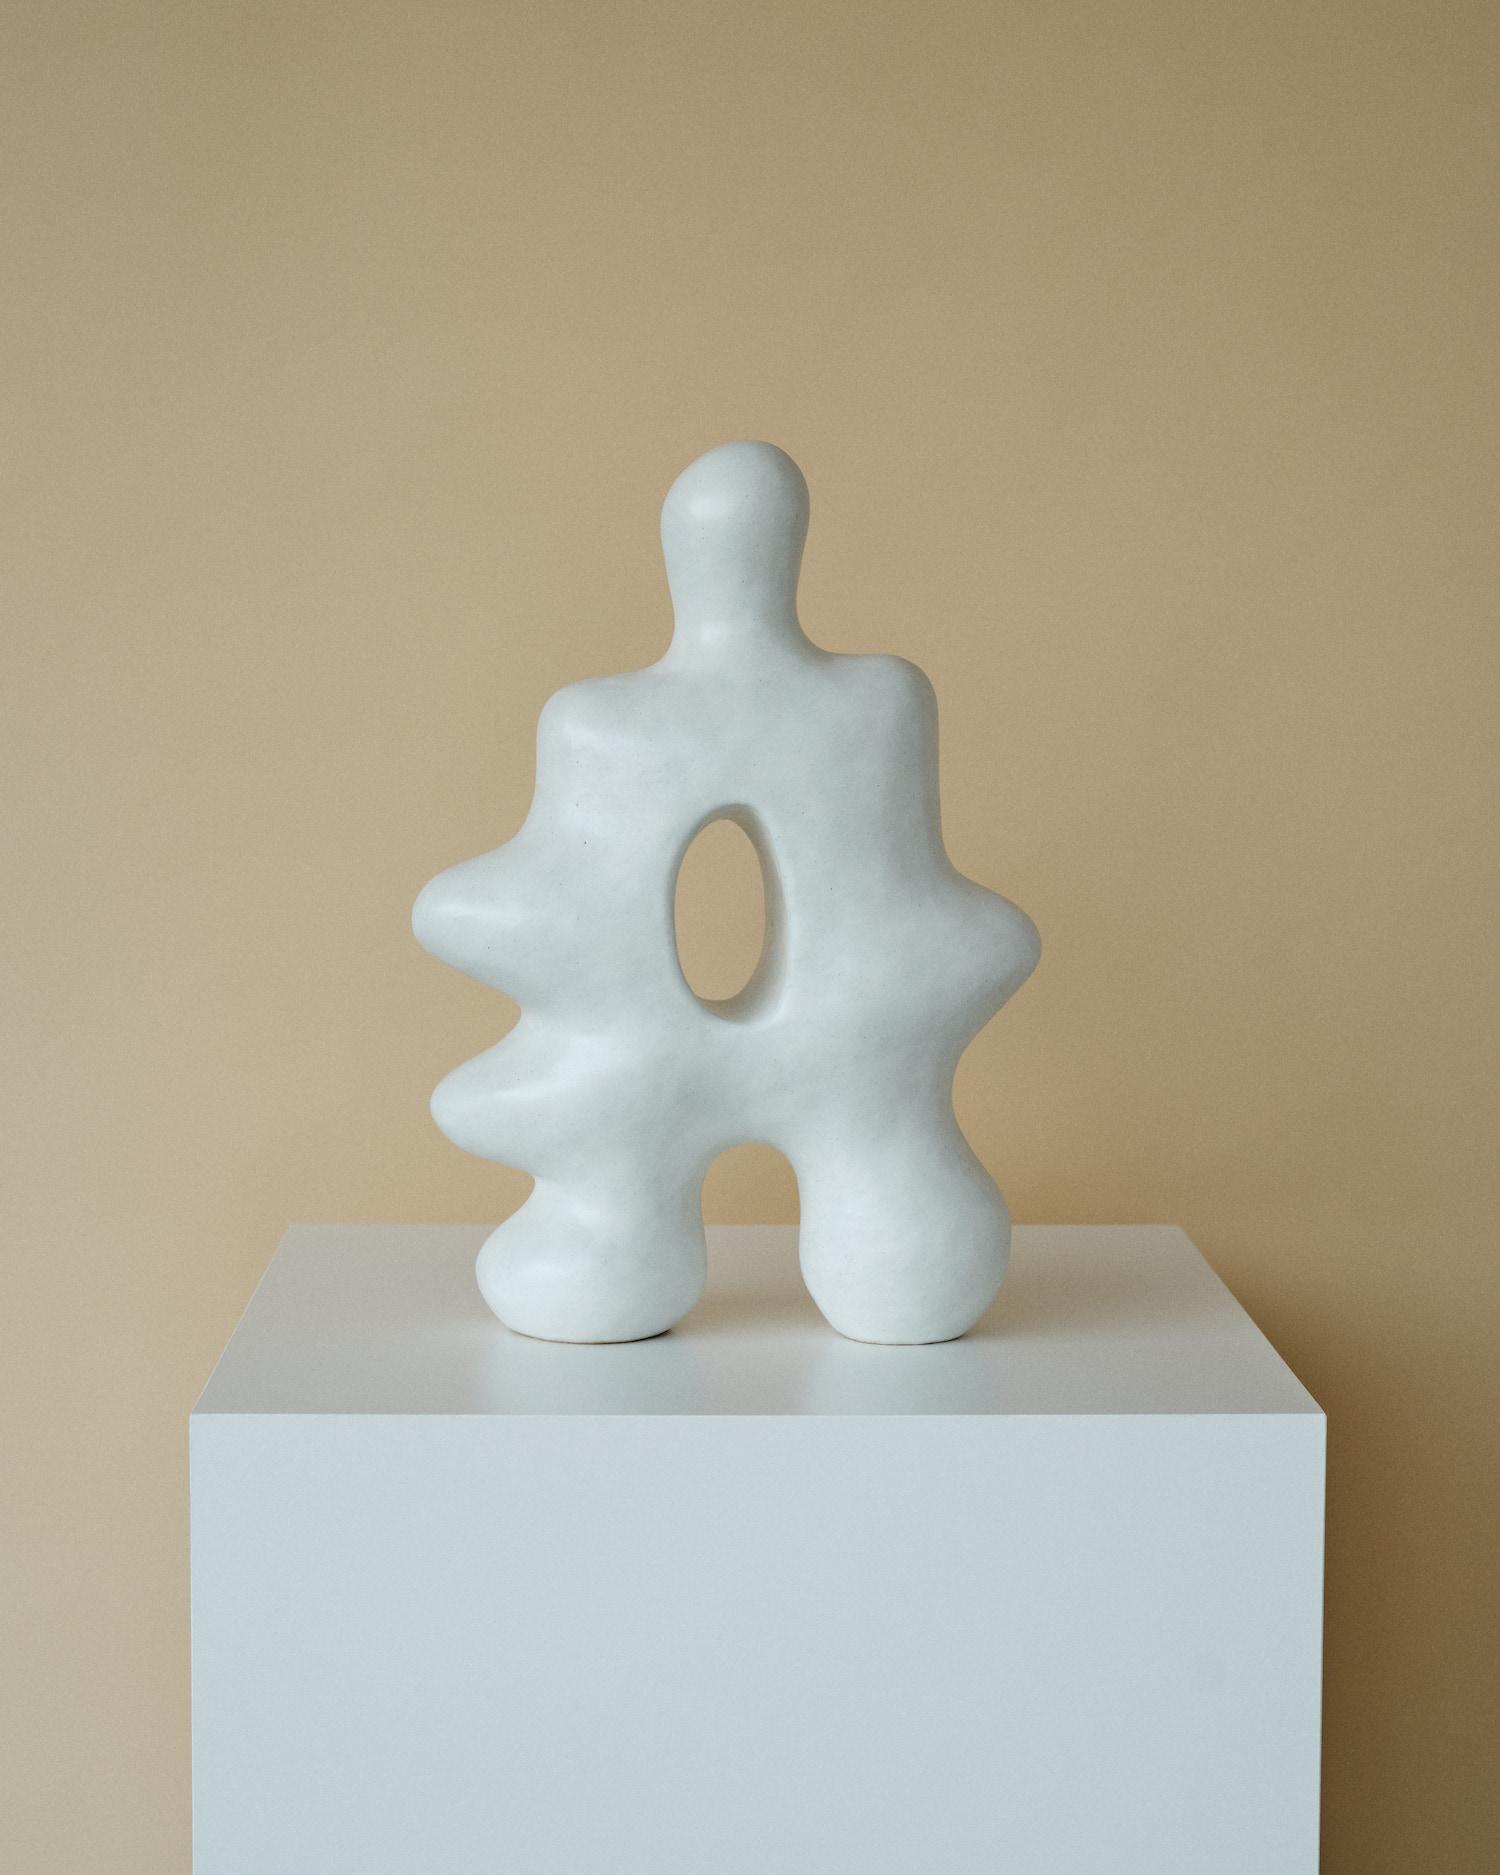 est living Kieu Tran Artist Sculptor 10